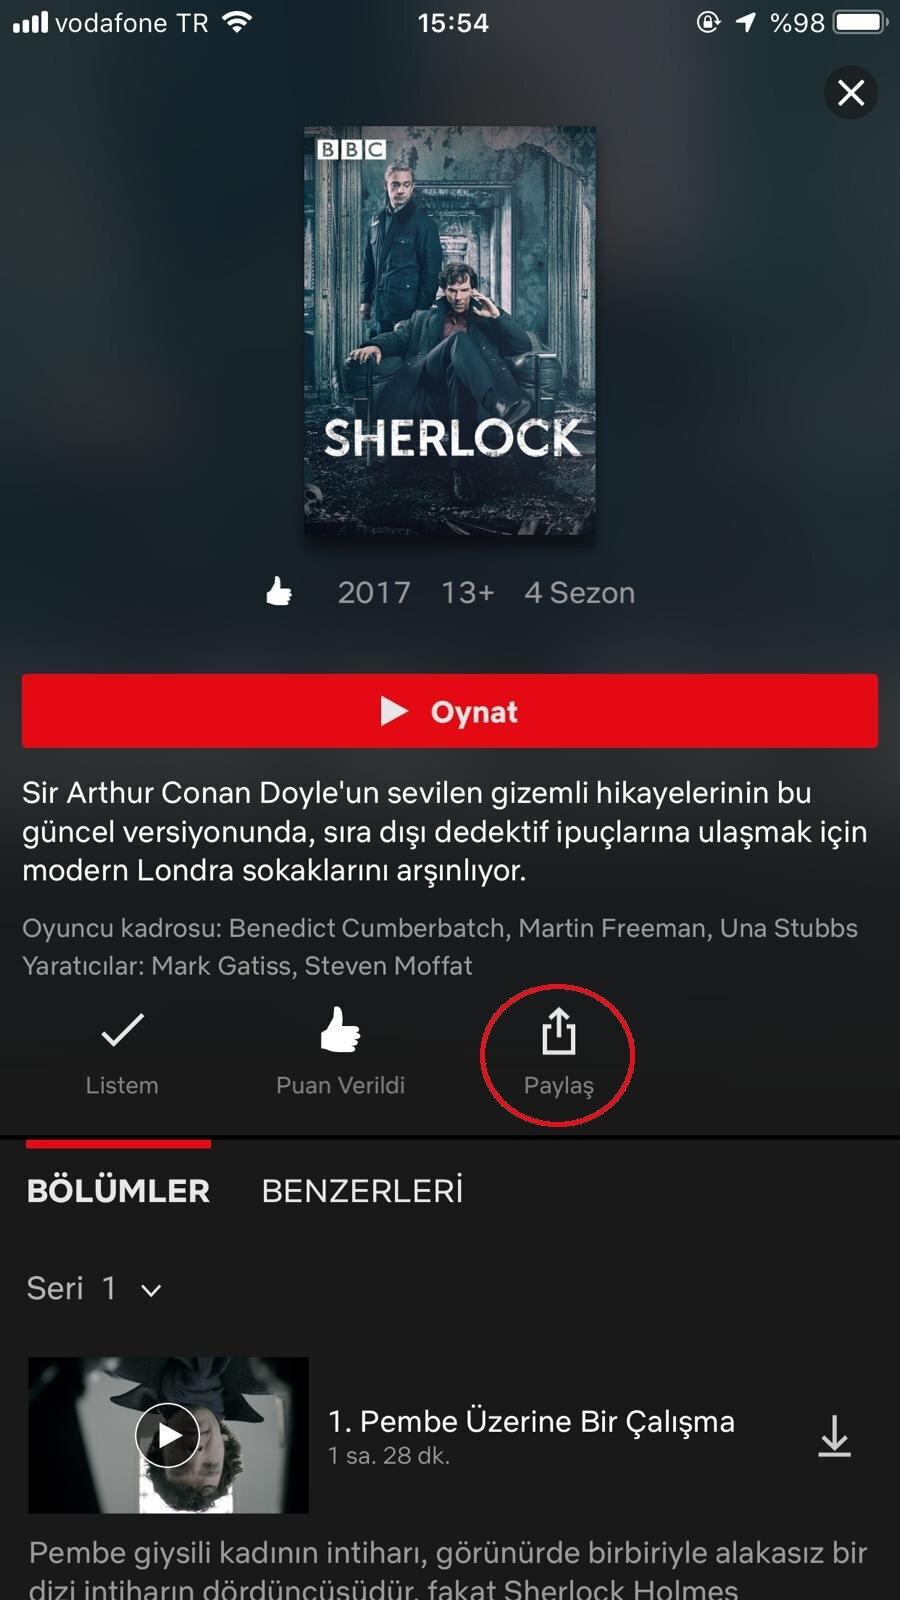 İlk aşamada, Netflix uygulamasına girip istenen içerik açıldıktan sonra 'Paylaş' butonuna dokunmak gerekiyor.